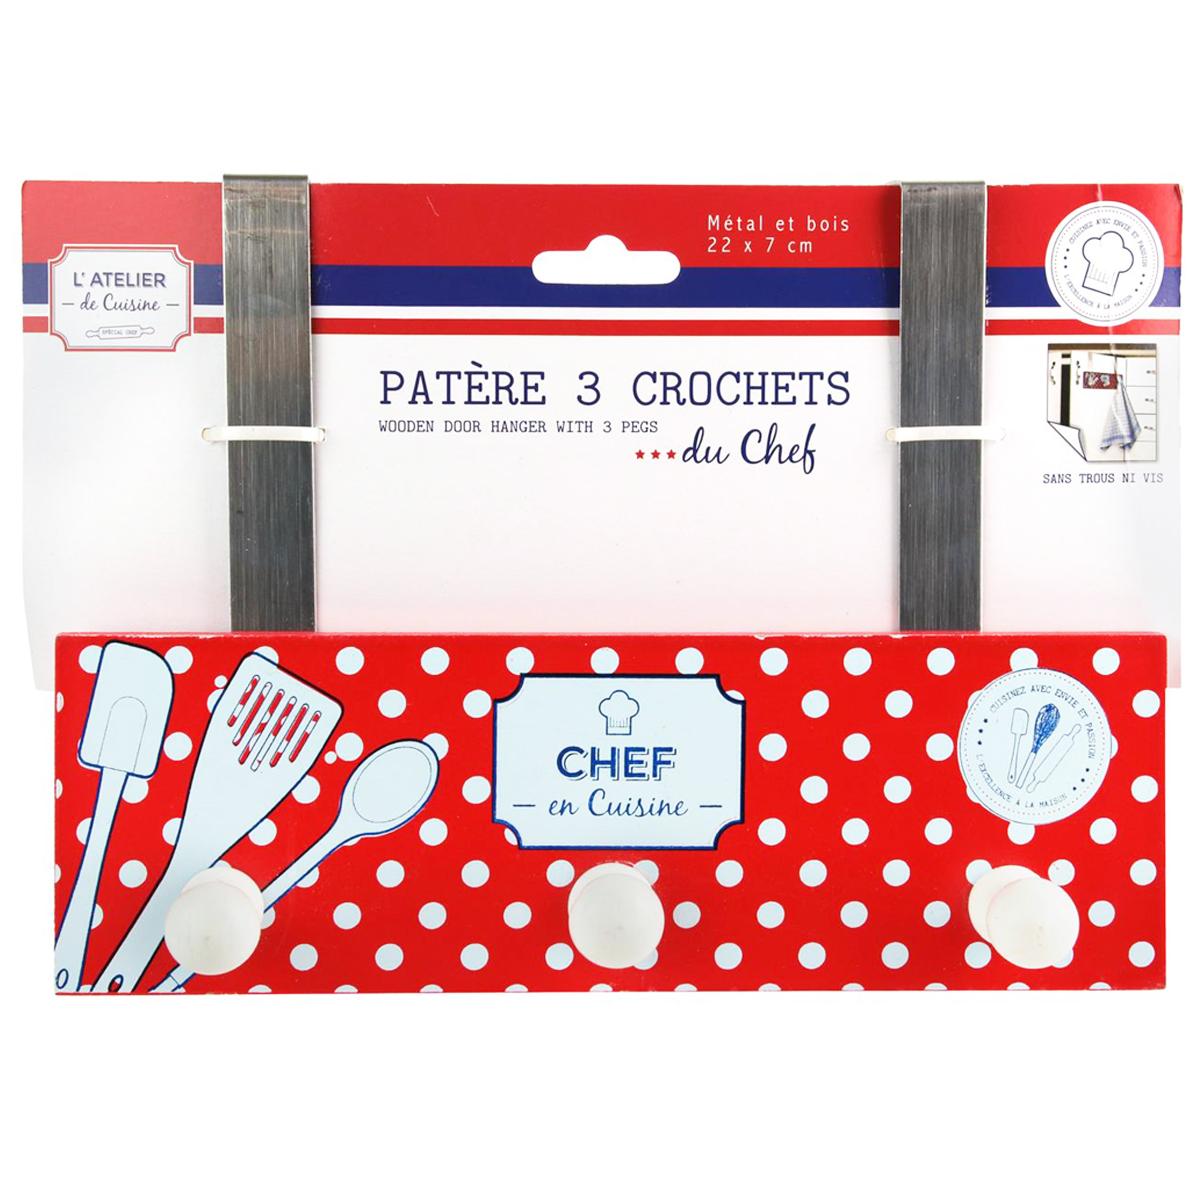 Patère accroche torchons \'L\'Atelier de Cuisine\' blanc rouge (3 crochets) - 22x7 cm - [Q1703]